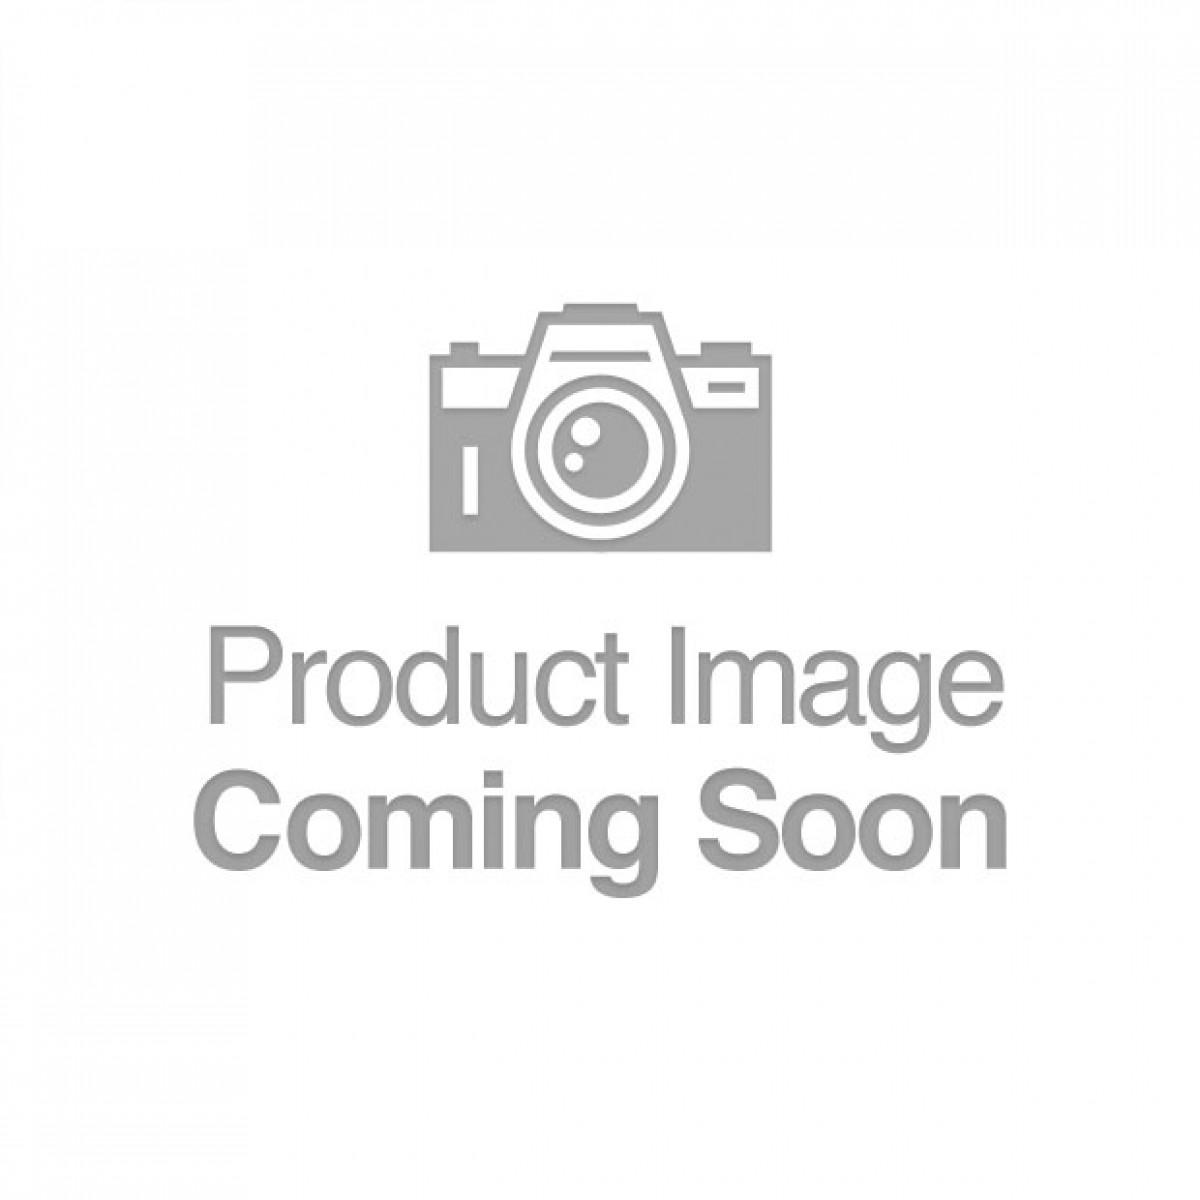 Aneros Prostate Stimulator - Vice 2